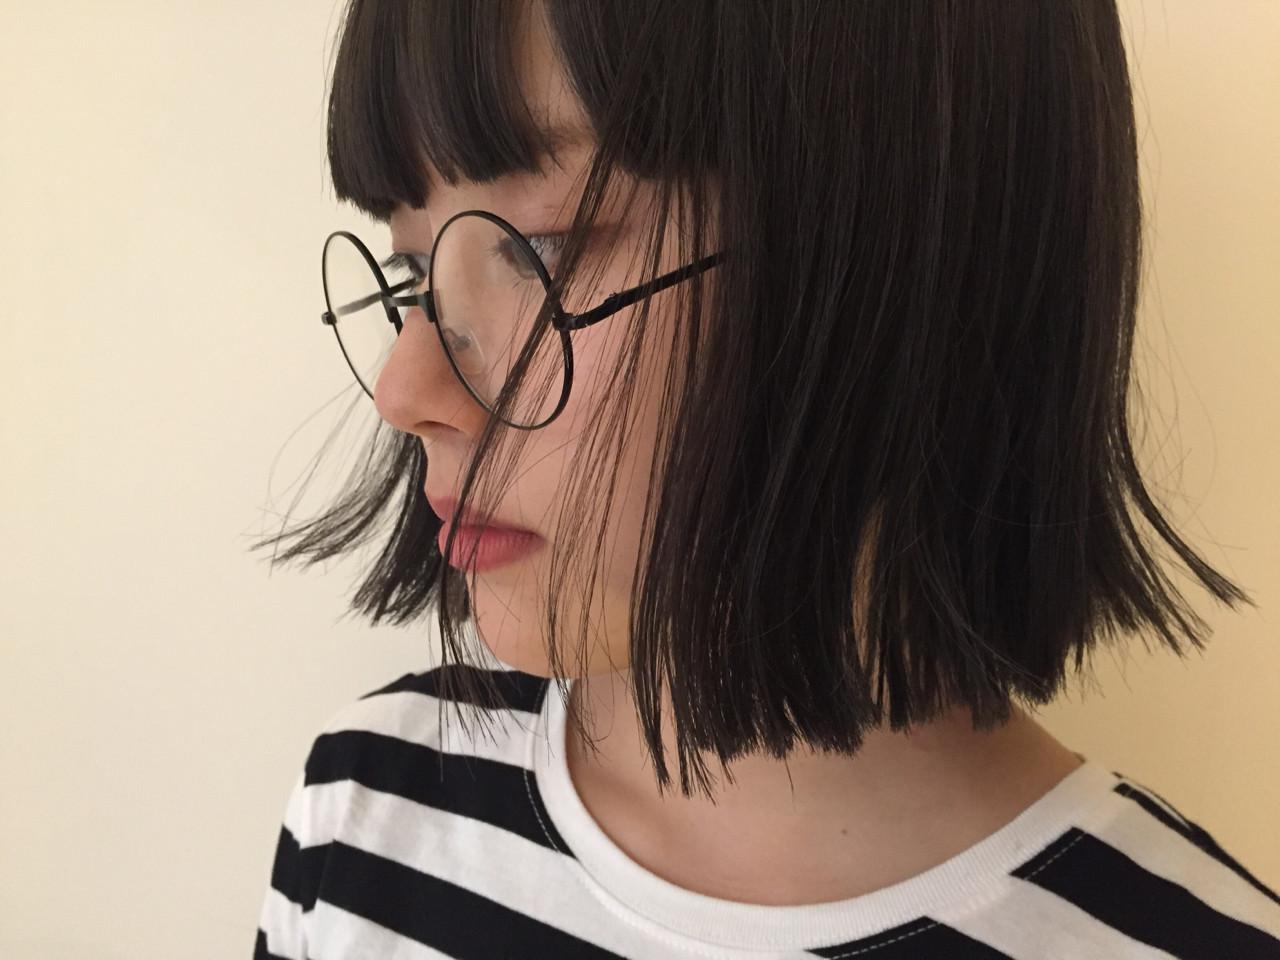 なりたいが叶う♡印象別黒髪ぱっつんボブスタイルを紹介! 水谷優太